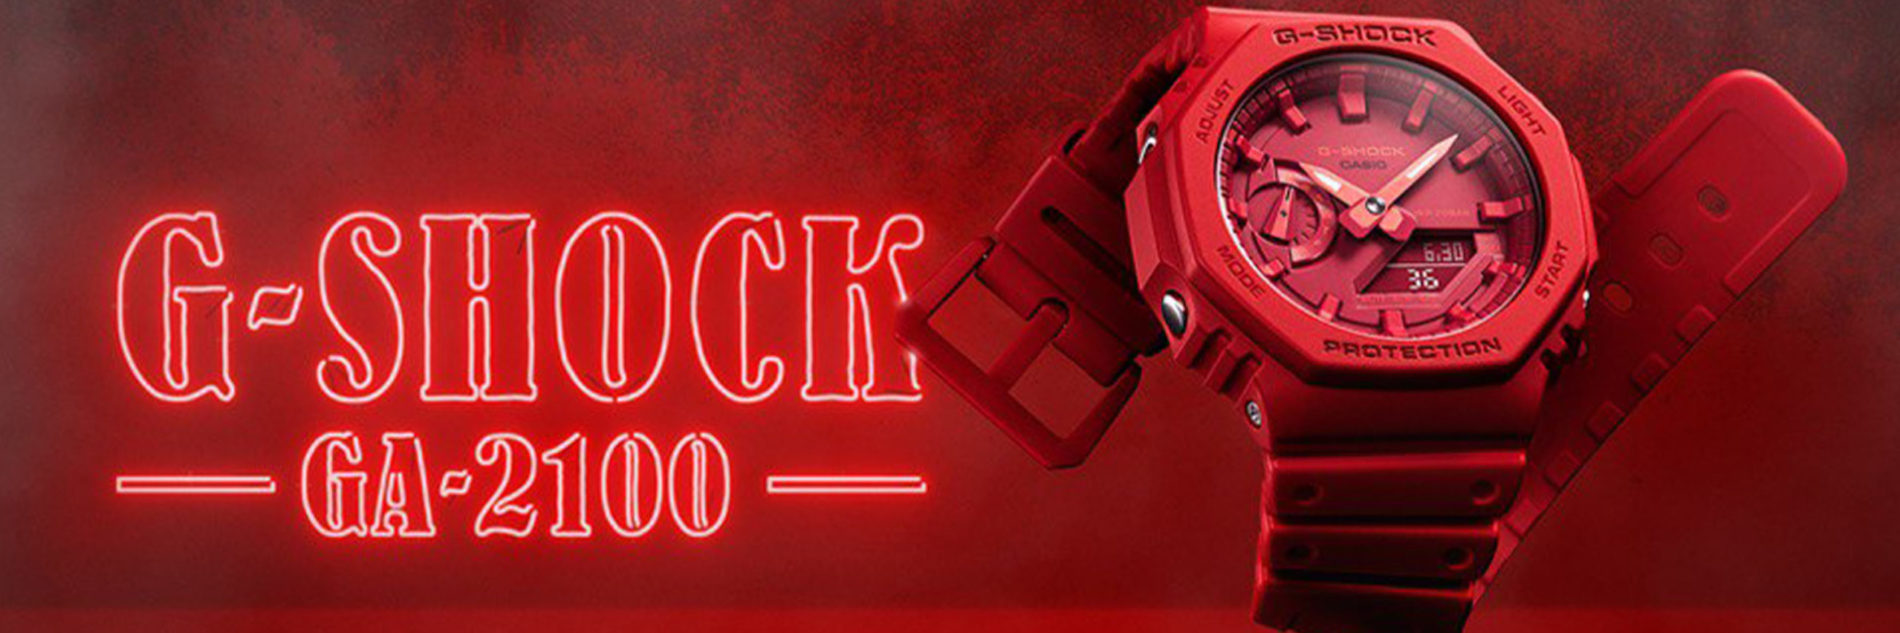 Casio watch PRG-260-1DR